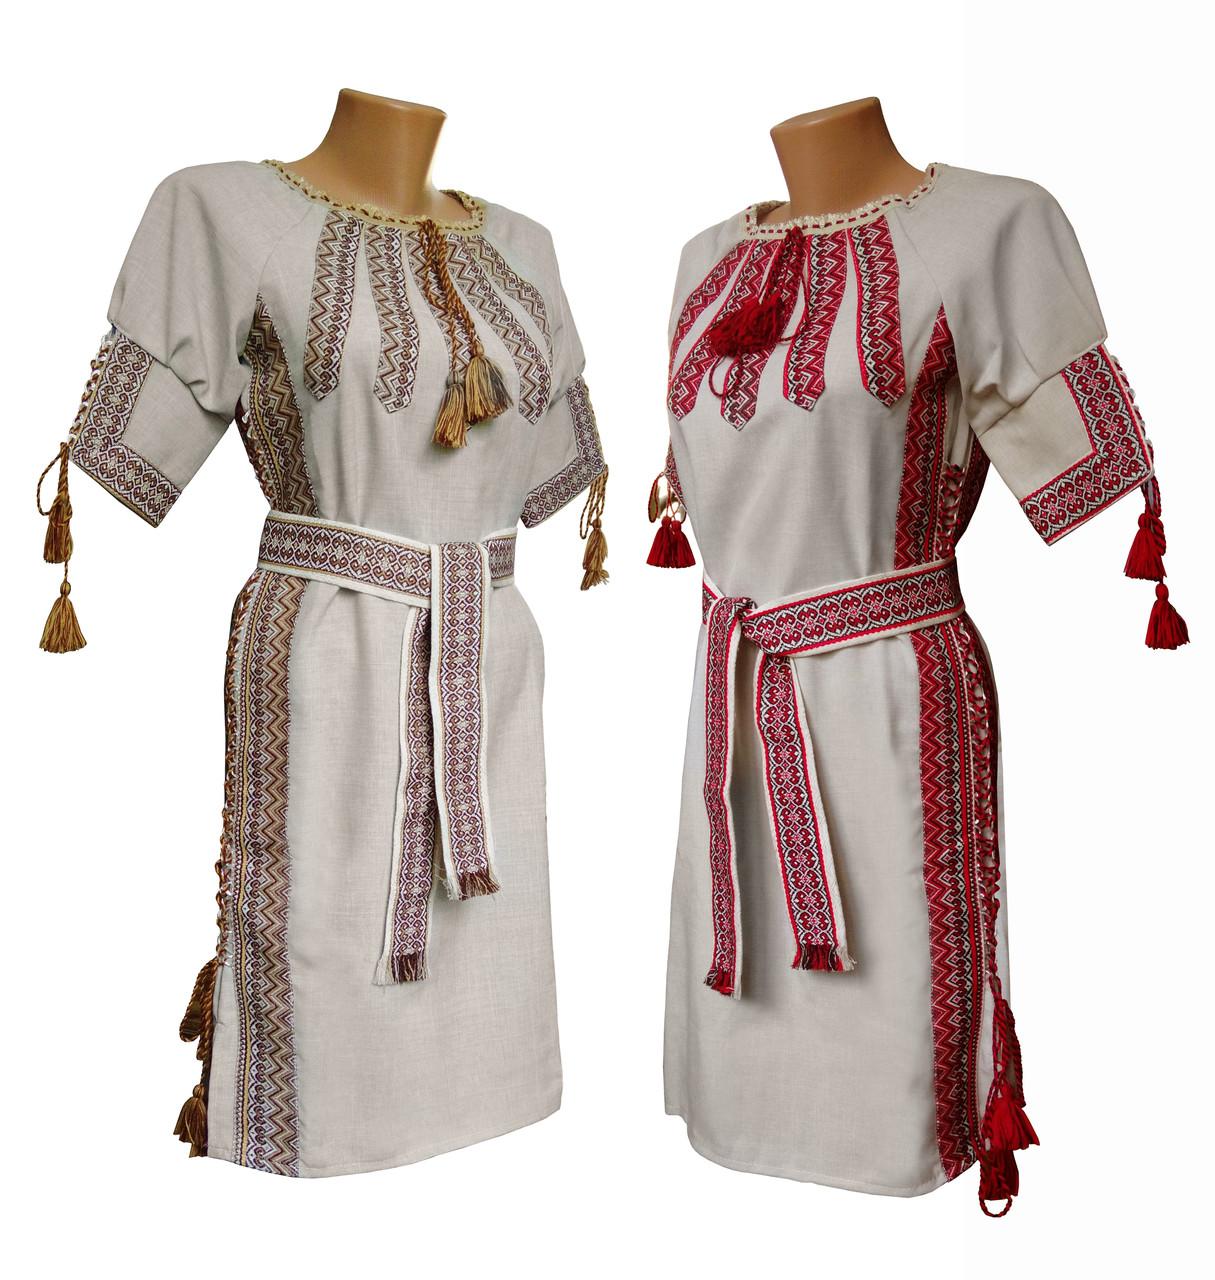 Льняное вышитое платье для подростка с поясом и геометрическим орнаментом